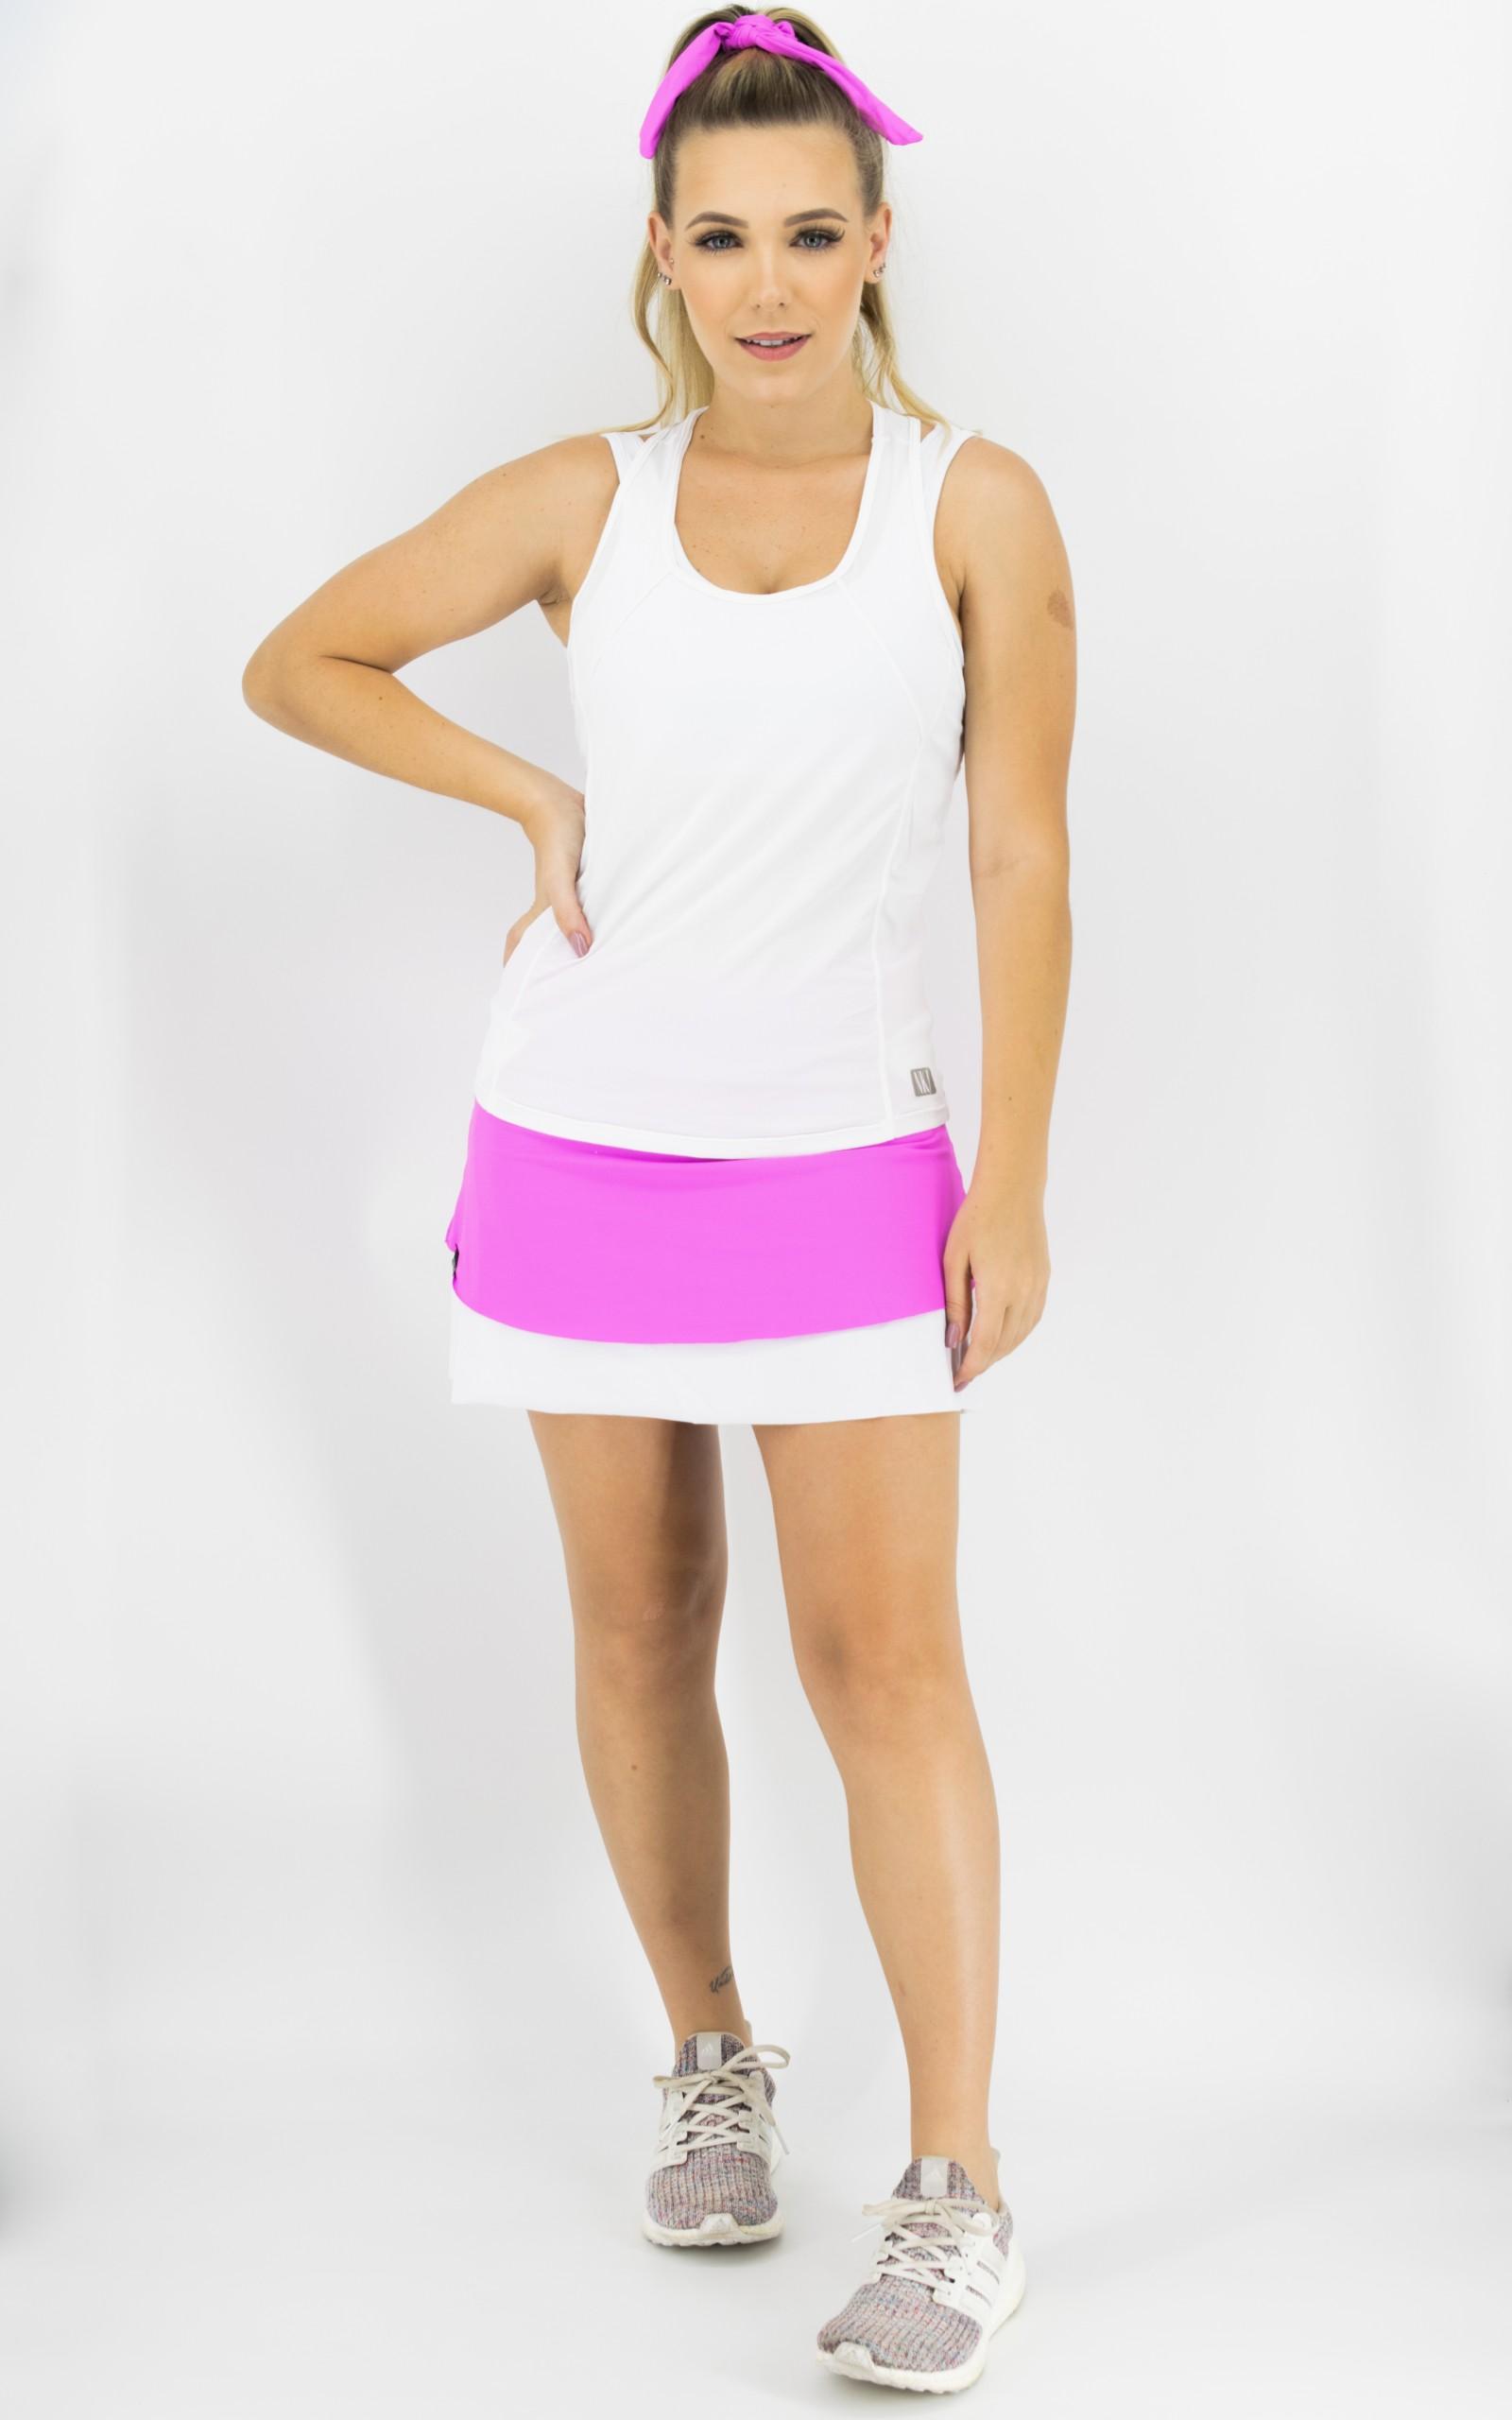 Saia Shorts Star Biquini, Coleção Move Your Body - NKT Fitwear Moda Fitness